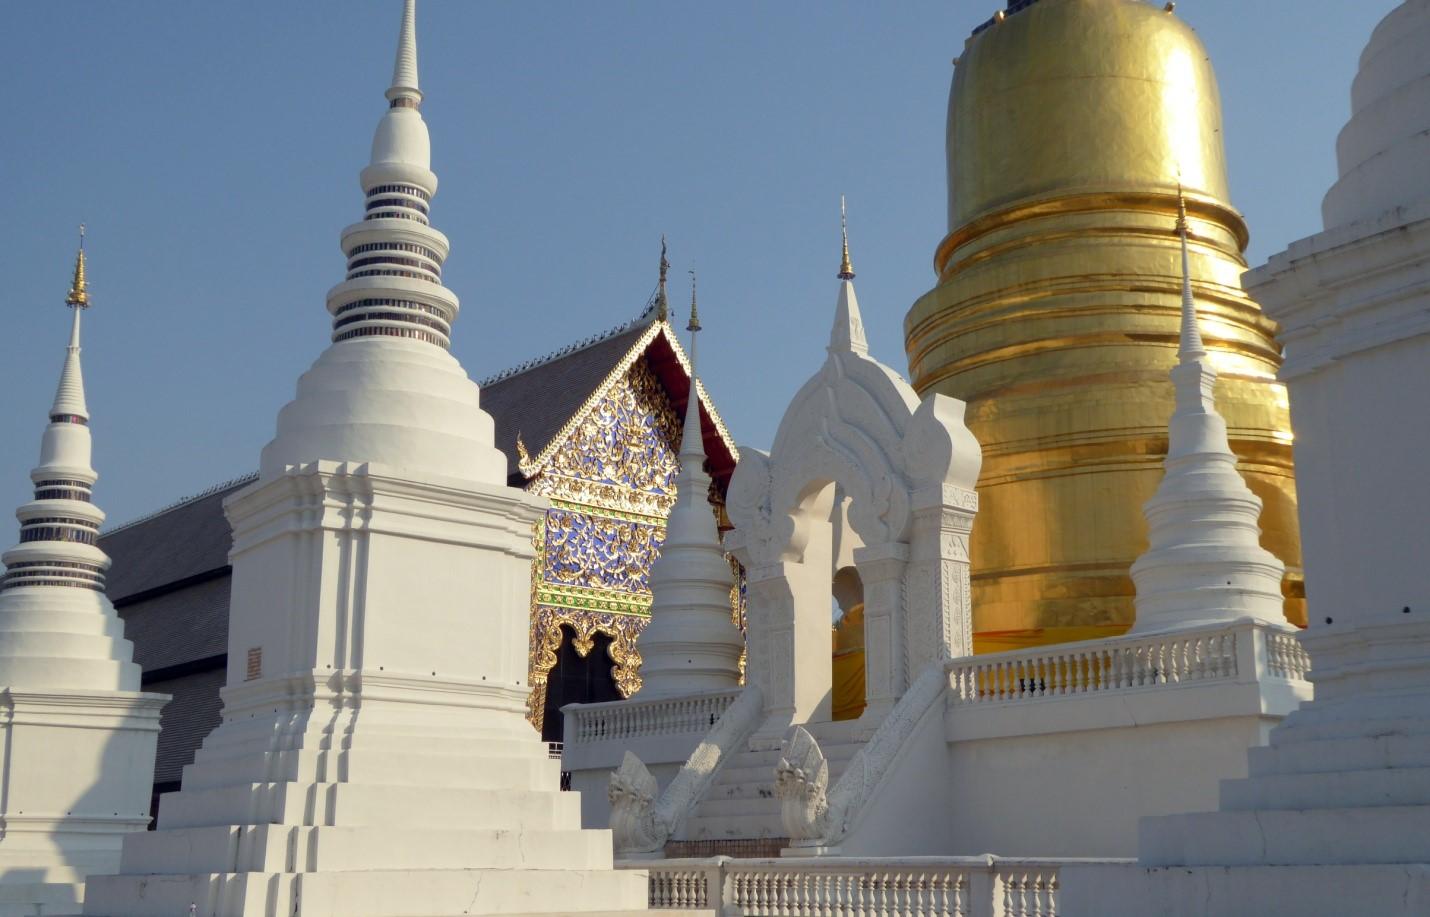 Pic4-城西門外的鬆達寺,據說金色的主塔下埋著佛陀的捨利.jpg